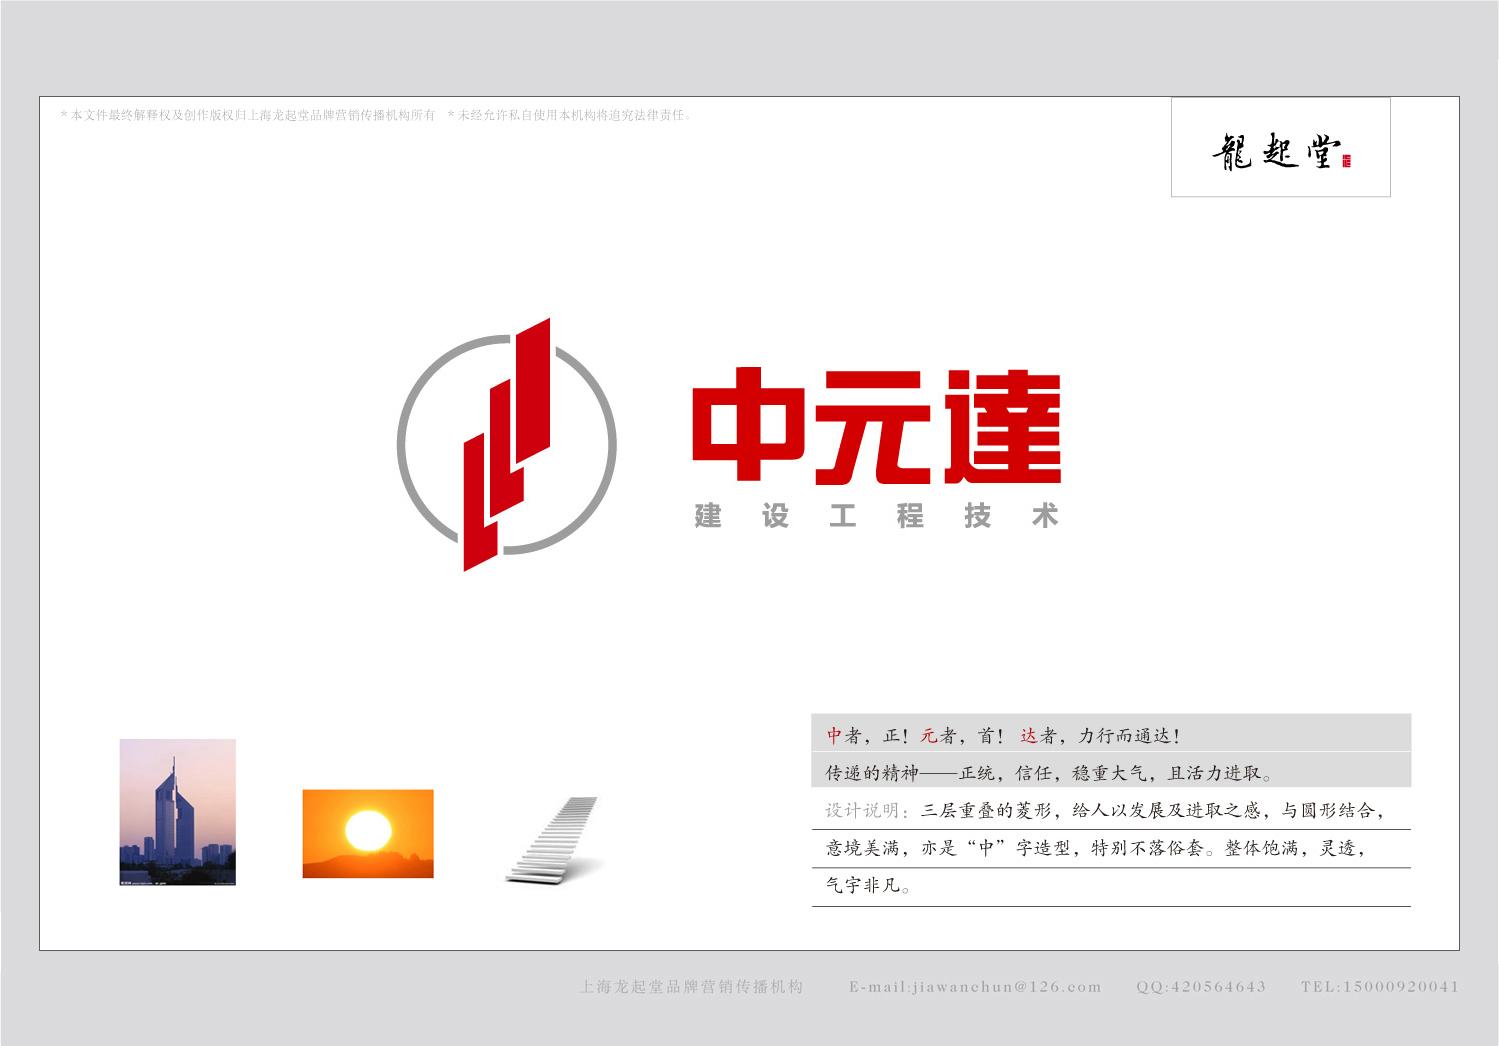 中文全称: 陕西中元达工程技术有限公司 中文简称:中元达建设 英文简称:CHNYD(china yuanda) 企业主营项目:一家集工程项目总承包(EPC)、工程设计、工程采购、工程施工及项目管理五个领域全面专业的工程服务商。 设计要求: 1.业标准色为:红、白、兰(请在此色系内微调和组合); 2.